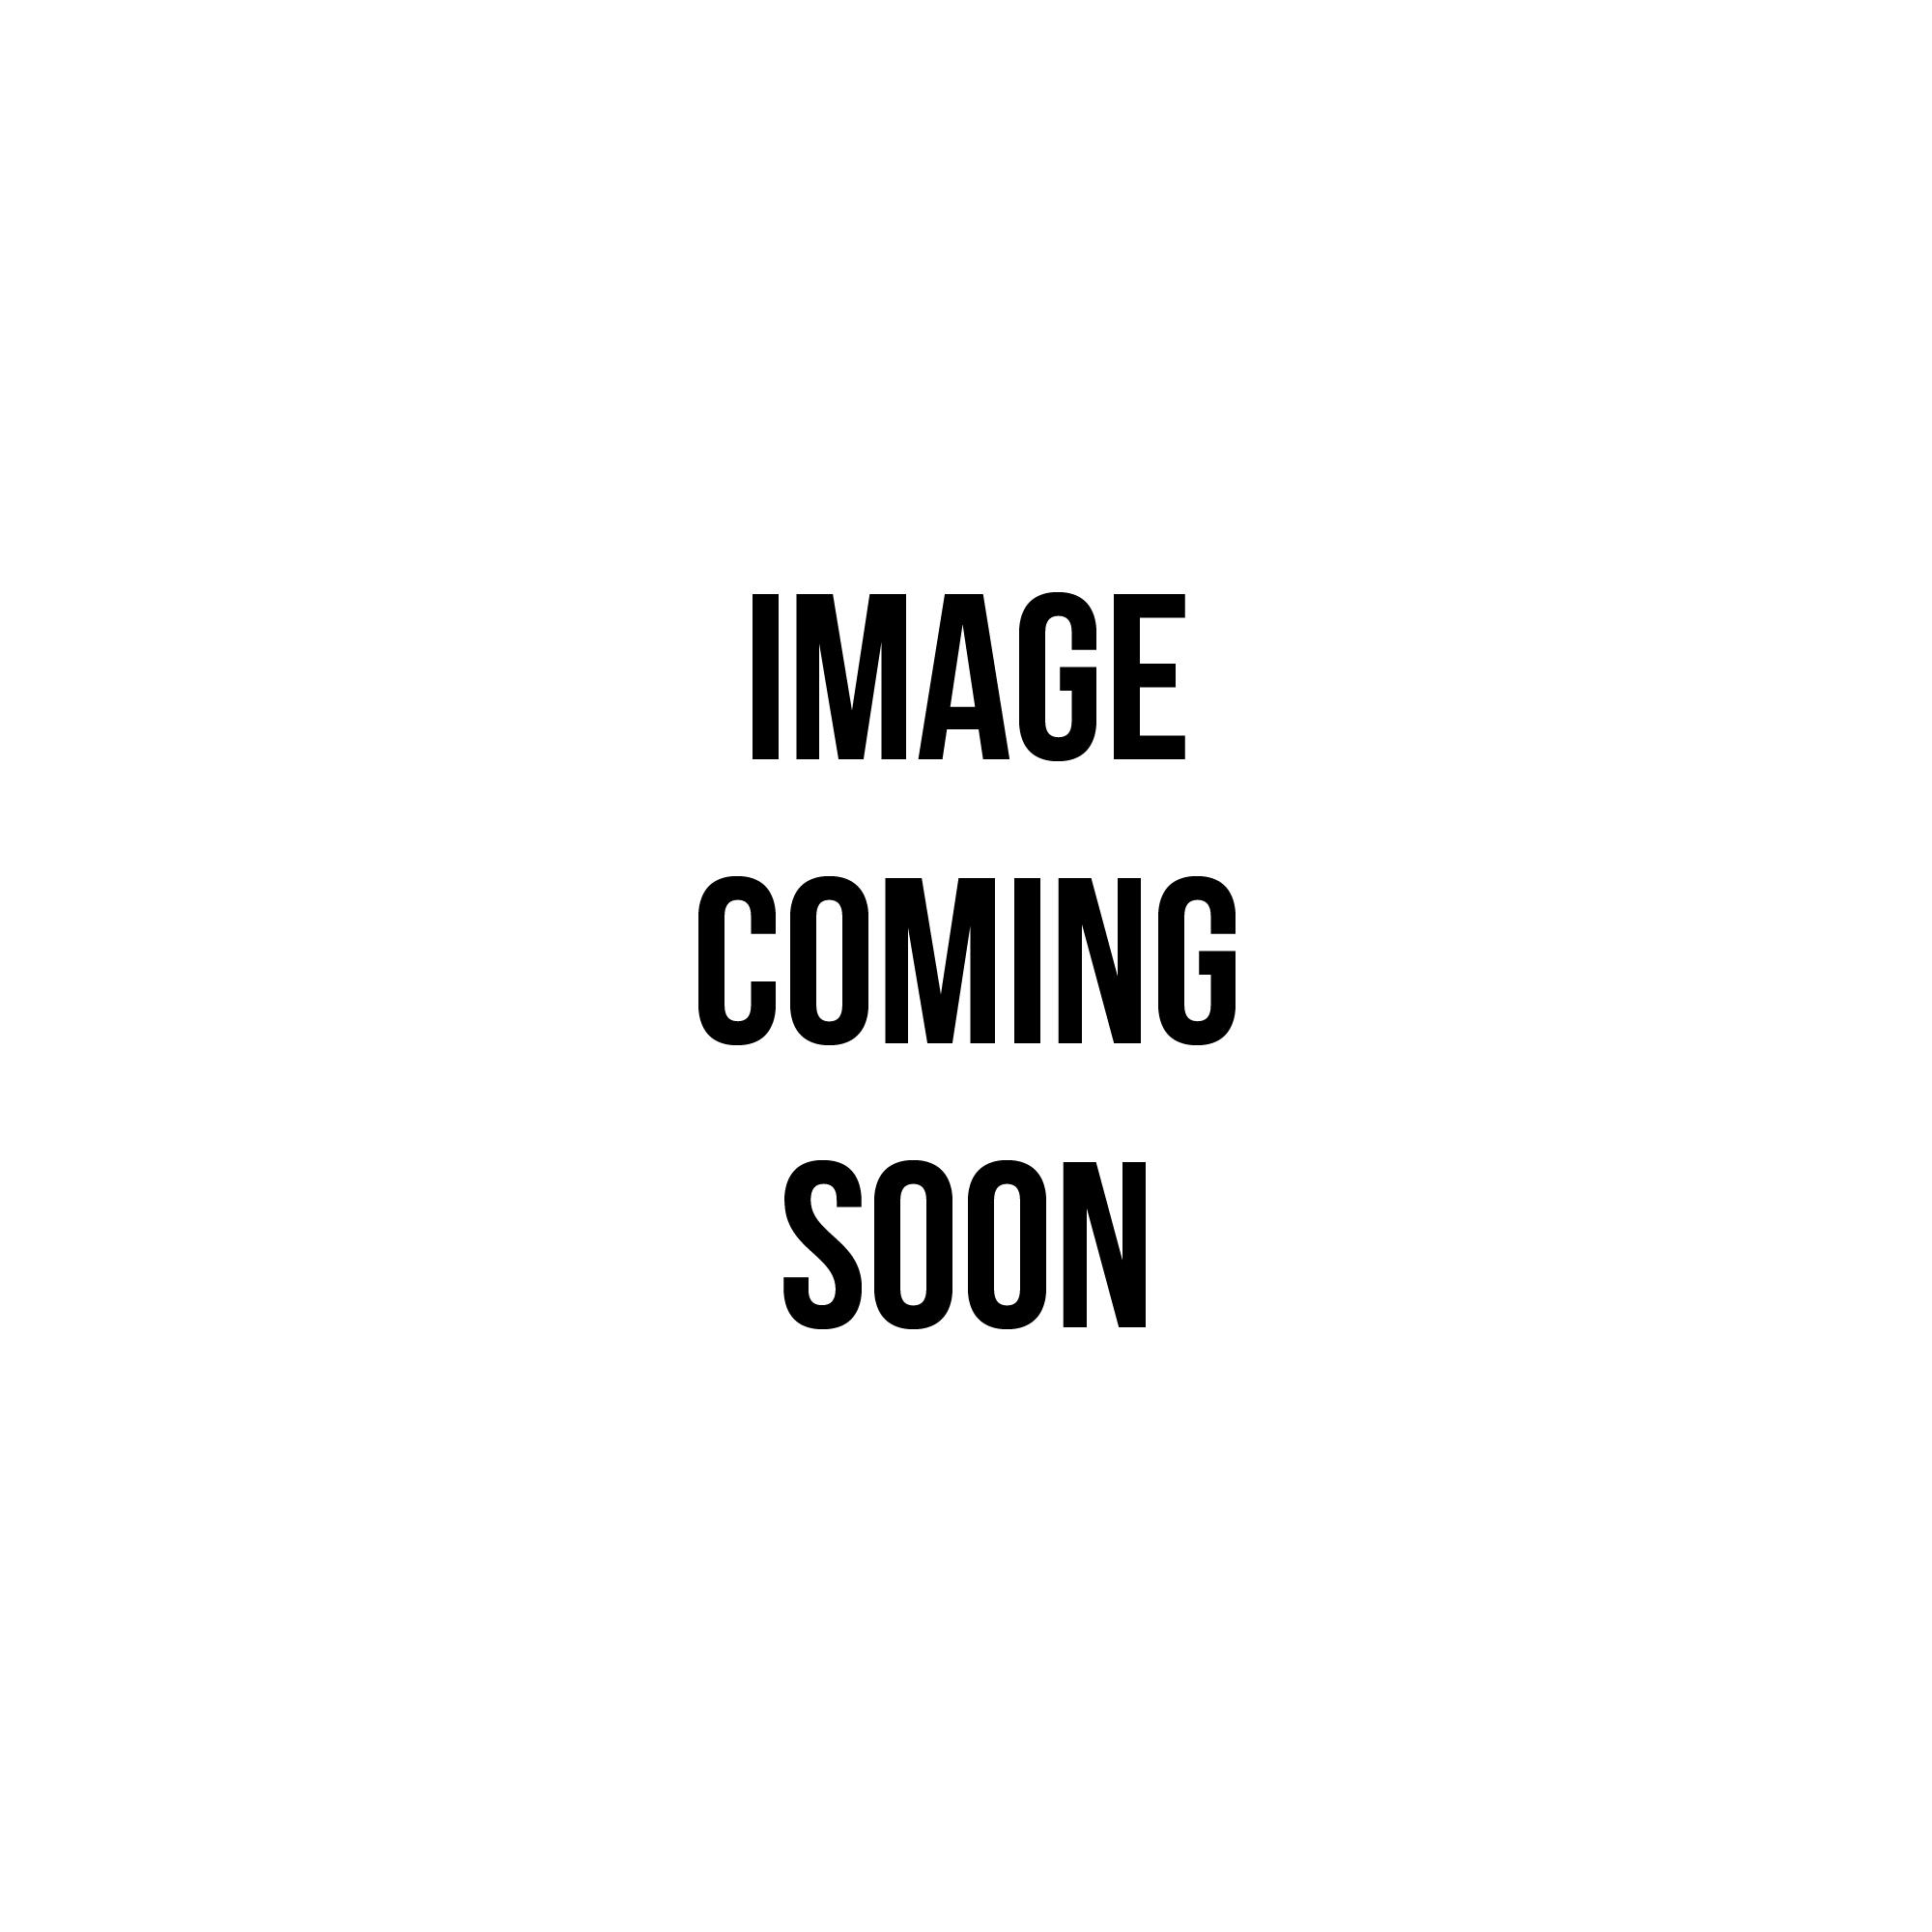 liquidación liquidación aclaramiento cómoda Hombres Nike Presto Blanco Y Negro De La Camisa De Algodón Barato calidad original con paypal envío libre populares nsFu1